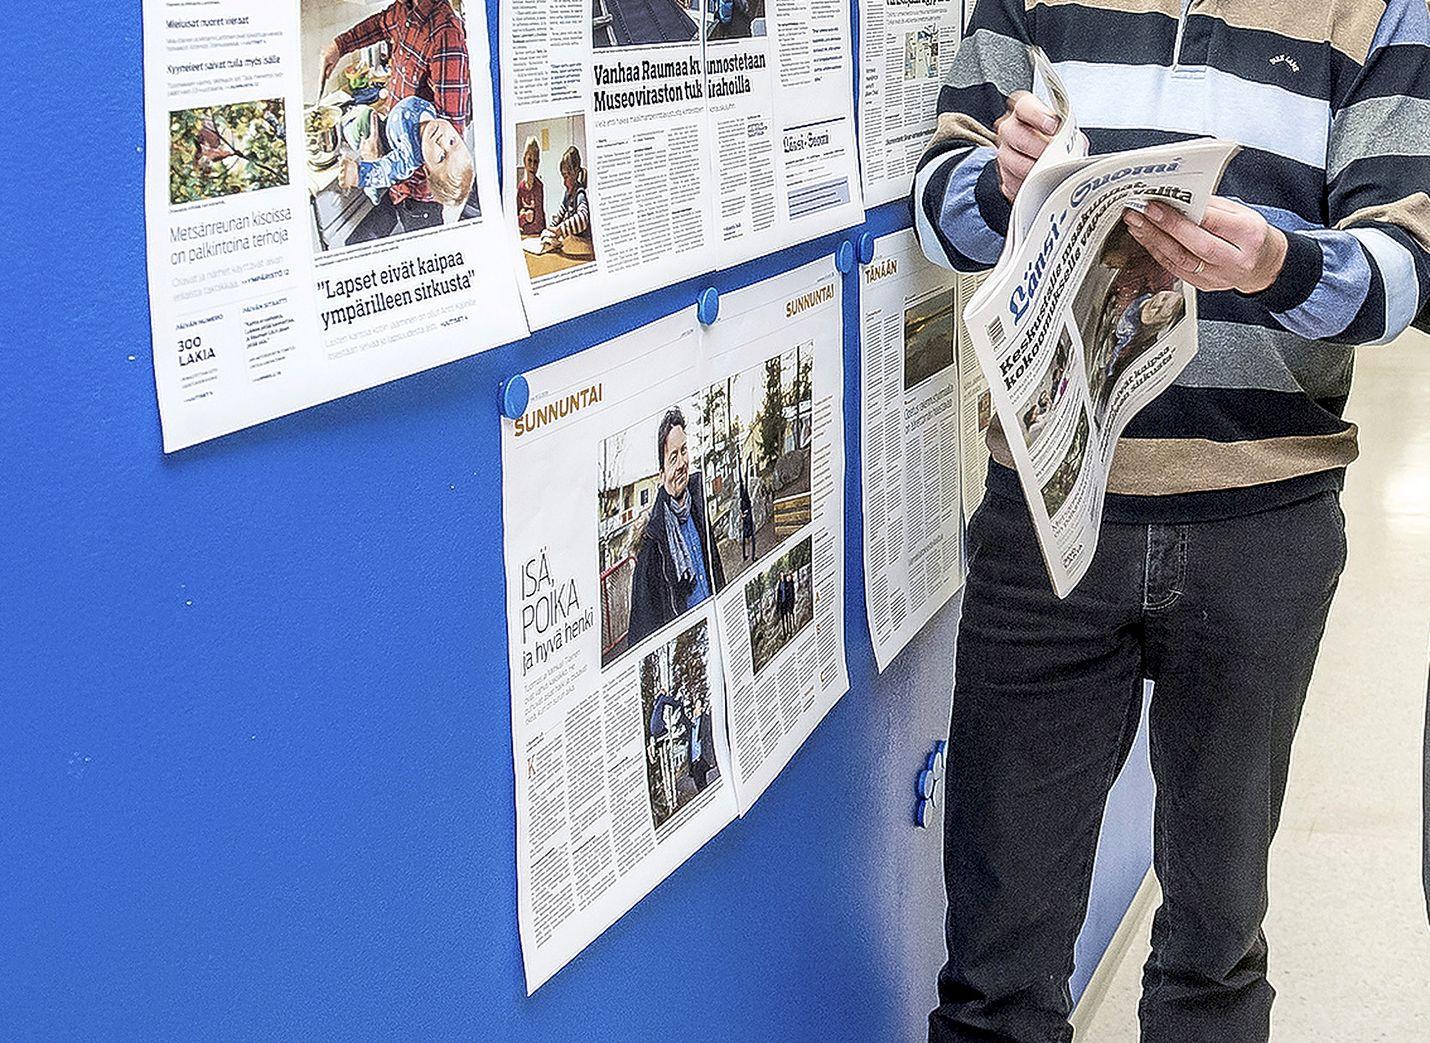 Seitsemänpäiväisistä sanomalehdistä yli puolet on muuttanut formaattinsa tabloidiin. Nyt on Länsi-Suomen vuoro.